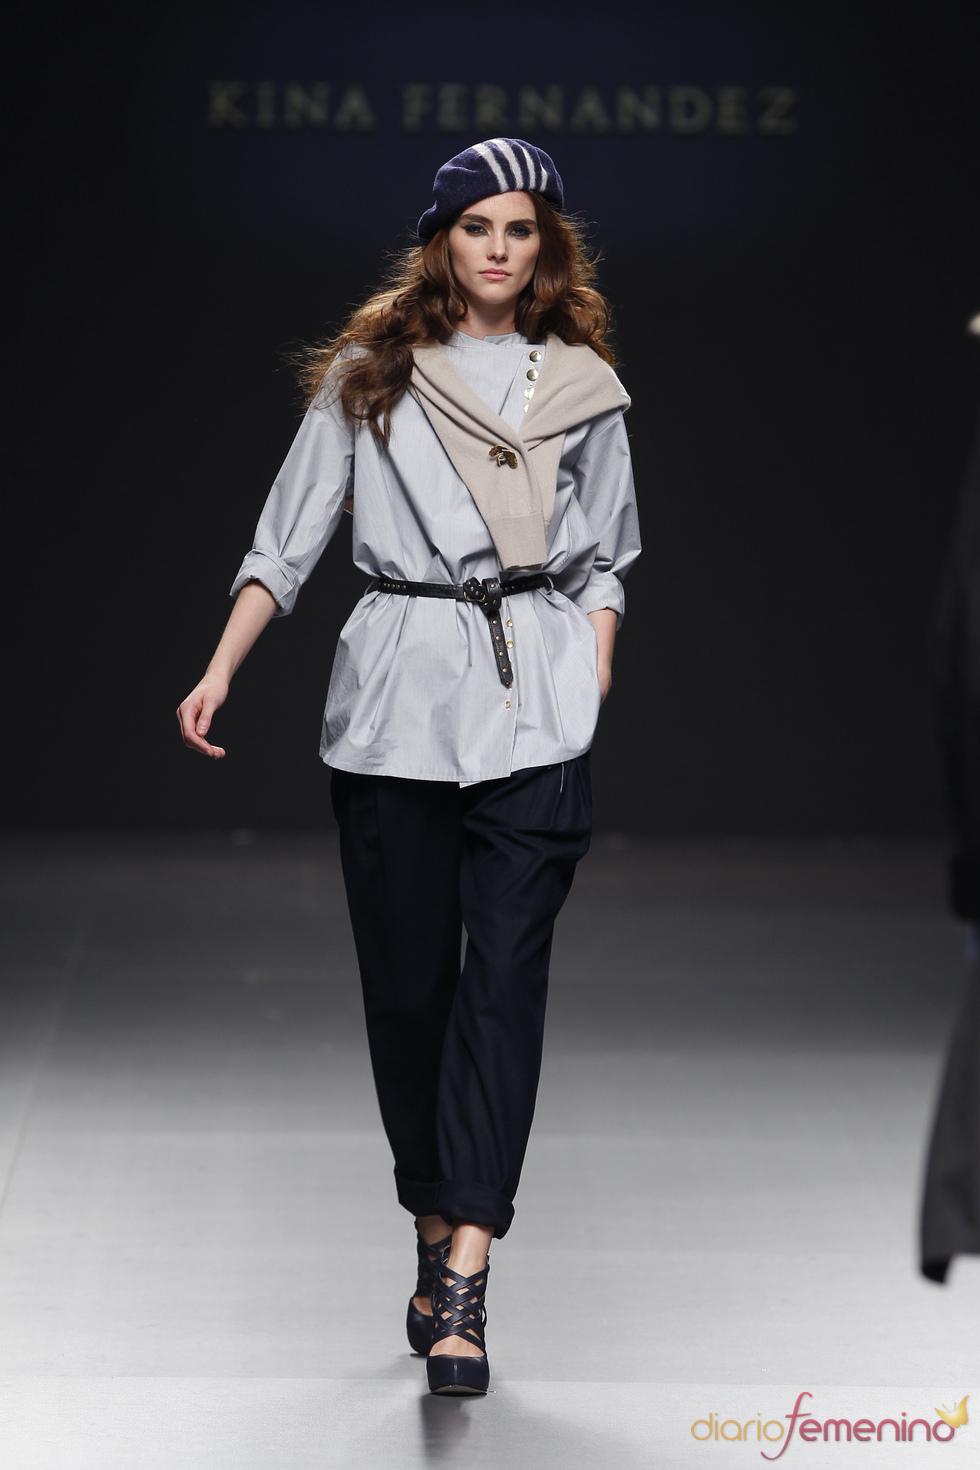 Moda Mujer: Kina Fernández en la pasarela Cibeles